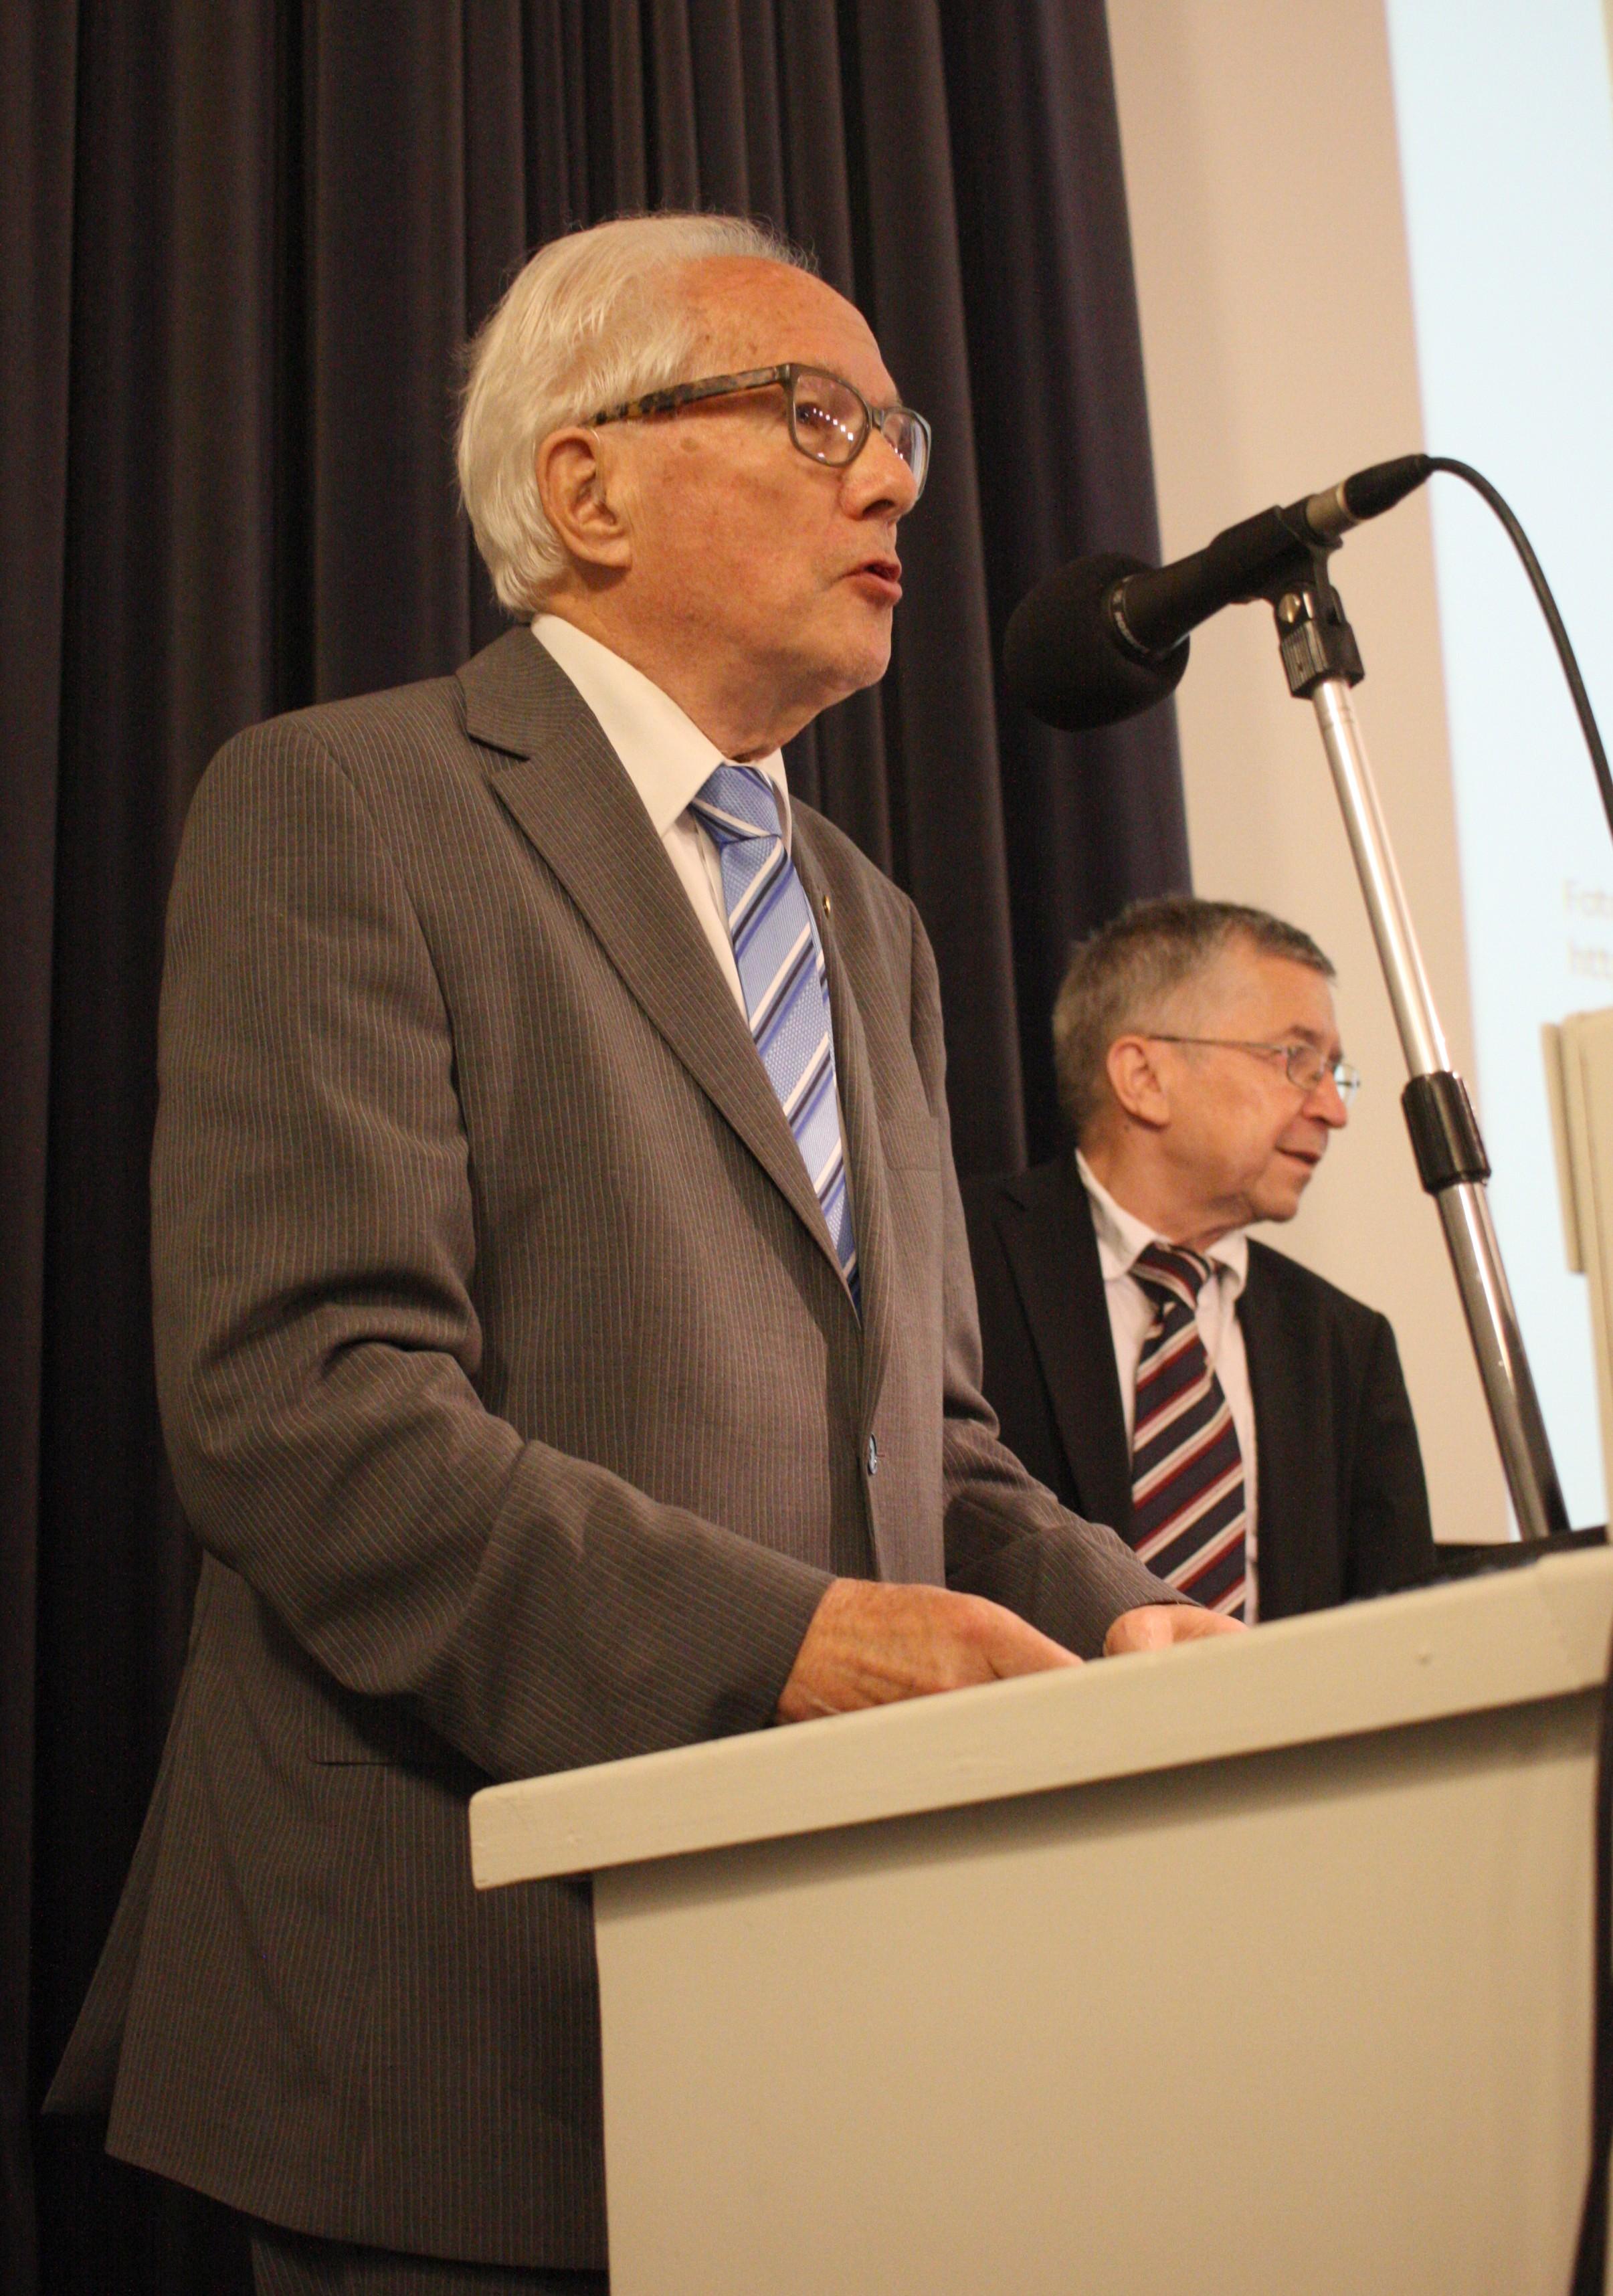 29_Bernhardt, Karl-Heinz_Ehrenurkunde VBIW_1295 ko90